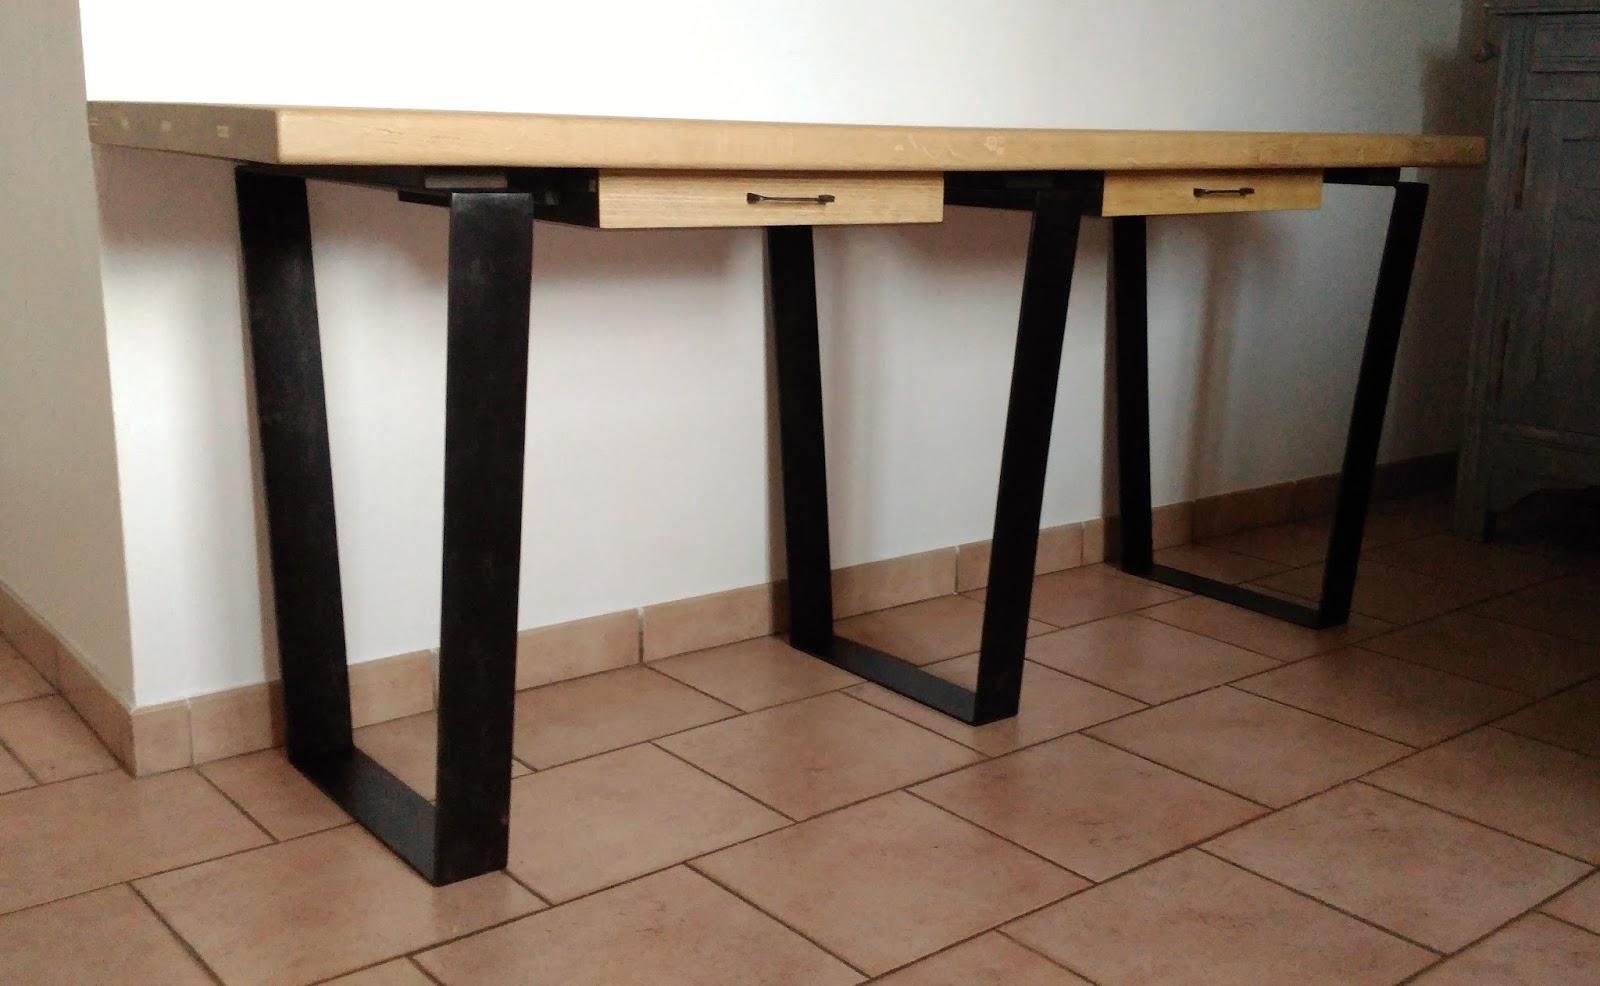 Bureaux bois recycle et metal digne d observer bureau bois et